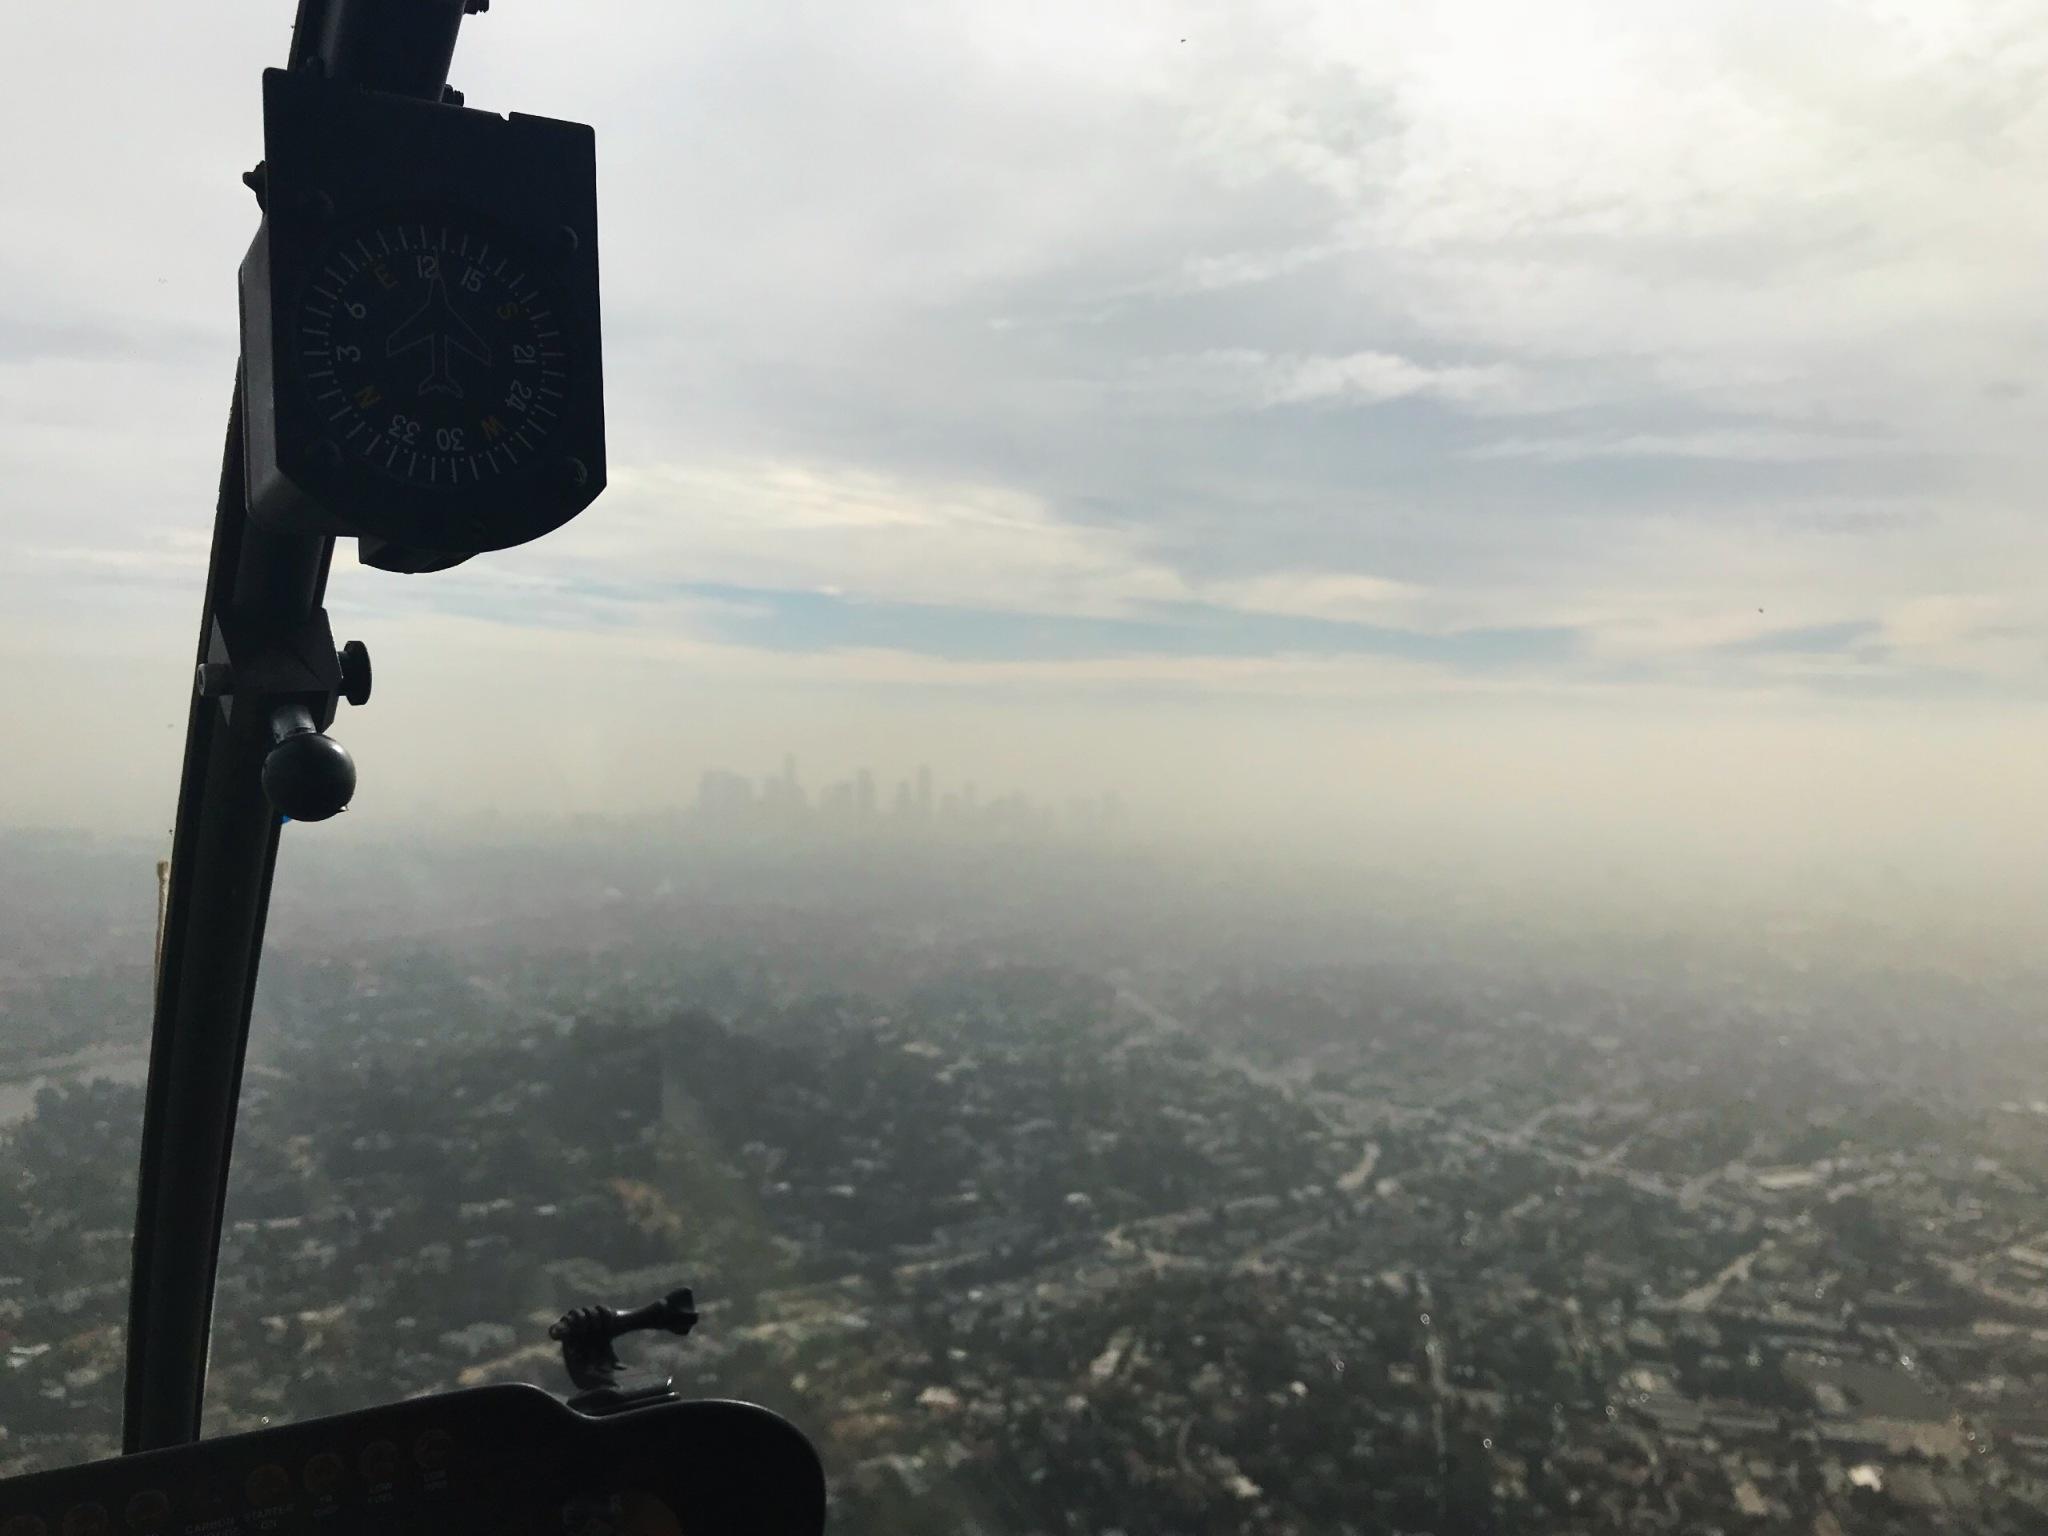 Downtown în ceață